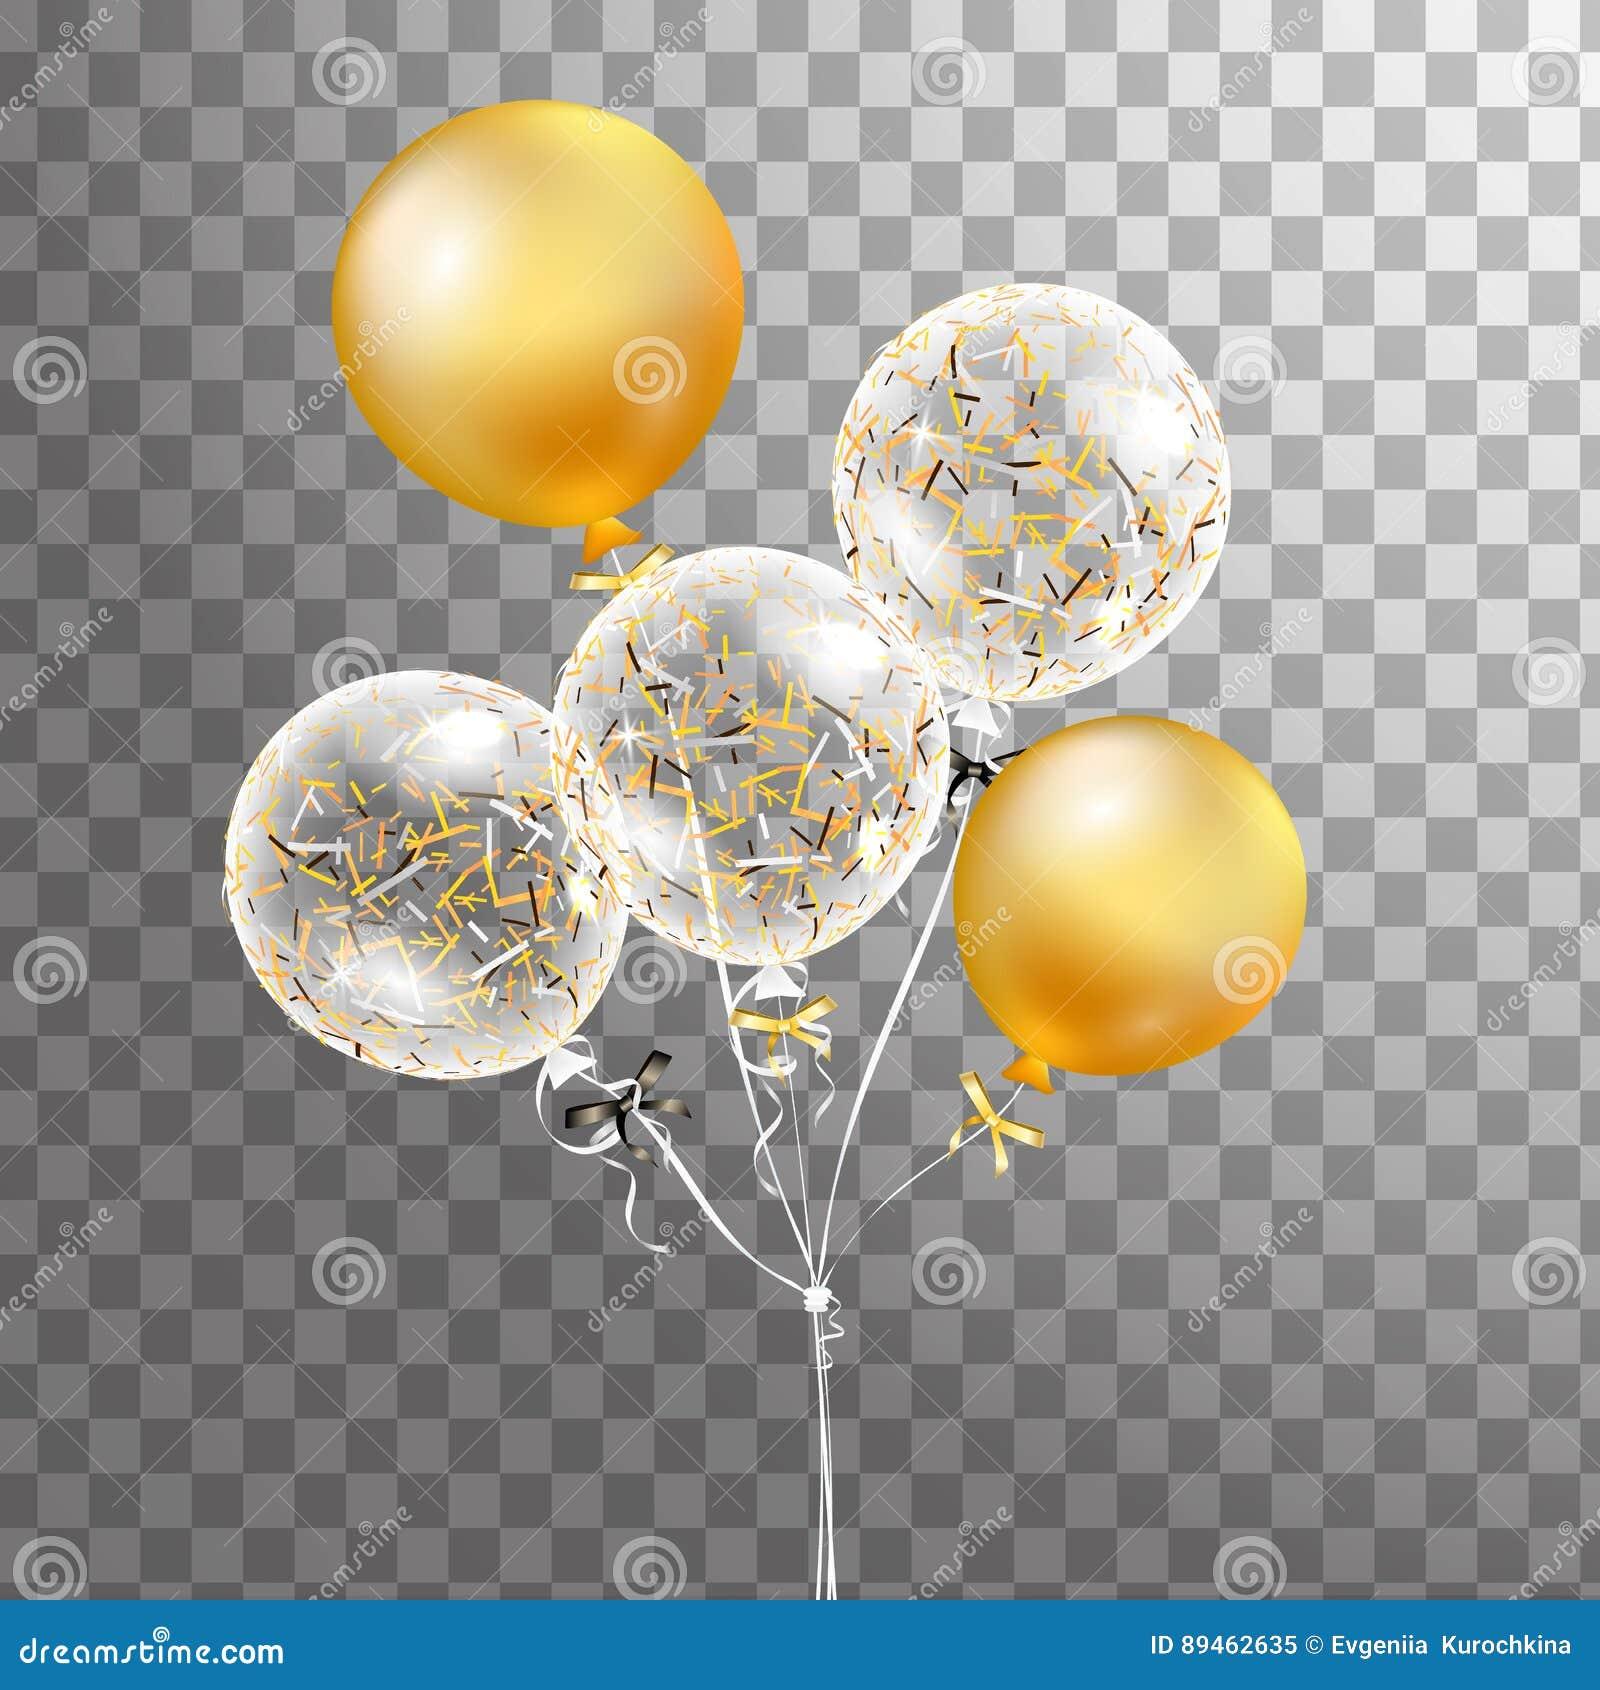 Set złoto, biały przejrzysty helu balon odizolowywający w powietrzu Frosted przyjęcie szybko się zwiększać dla wydarzenie projekt